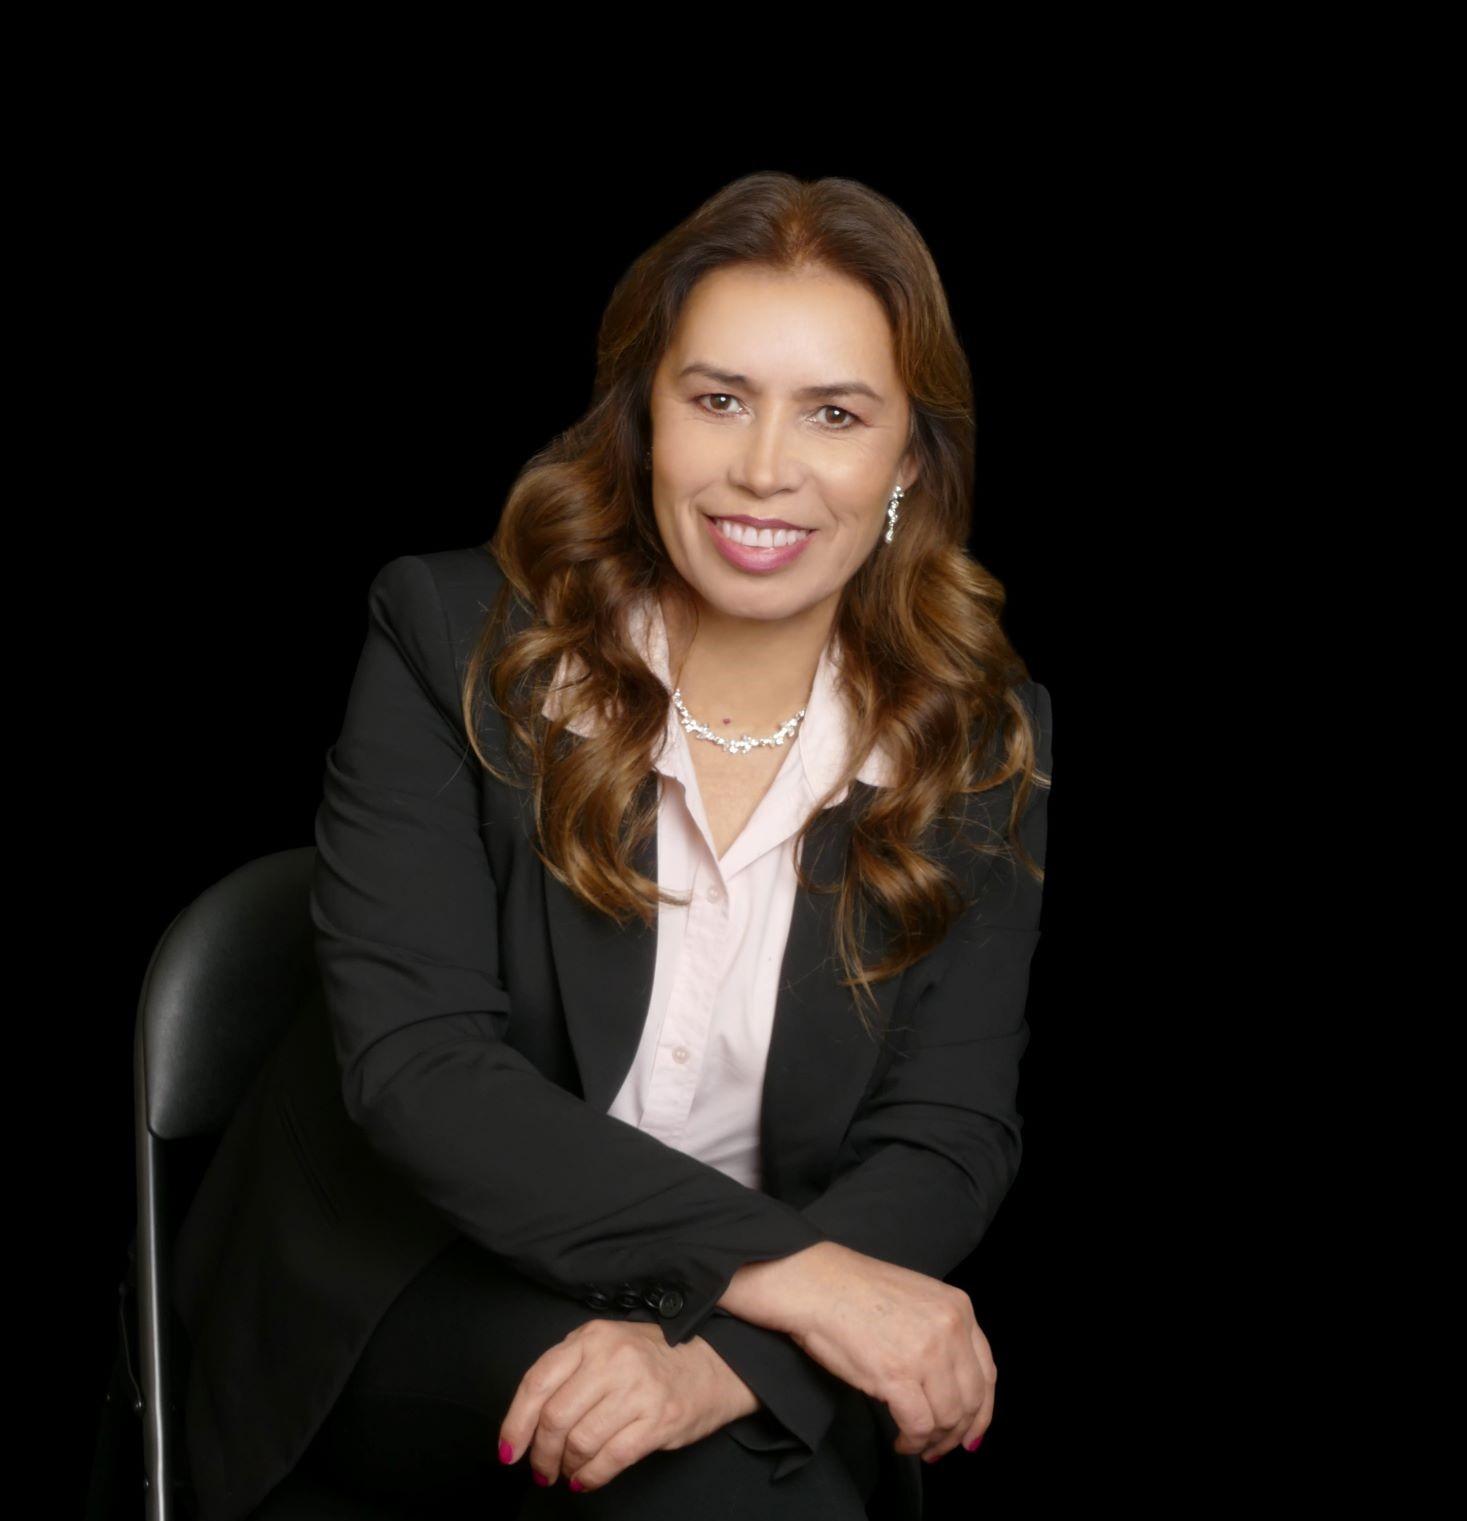 Maria Rubalcaba